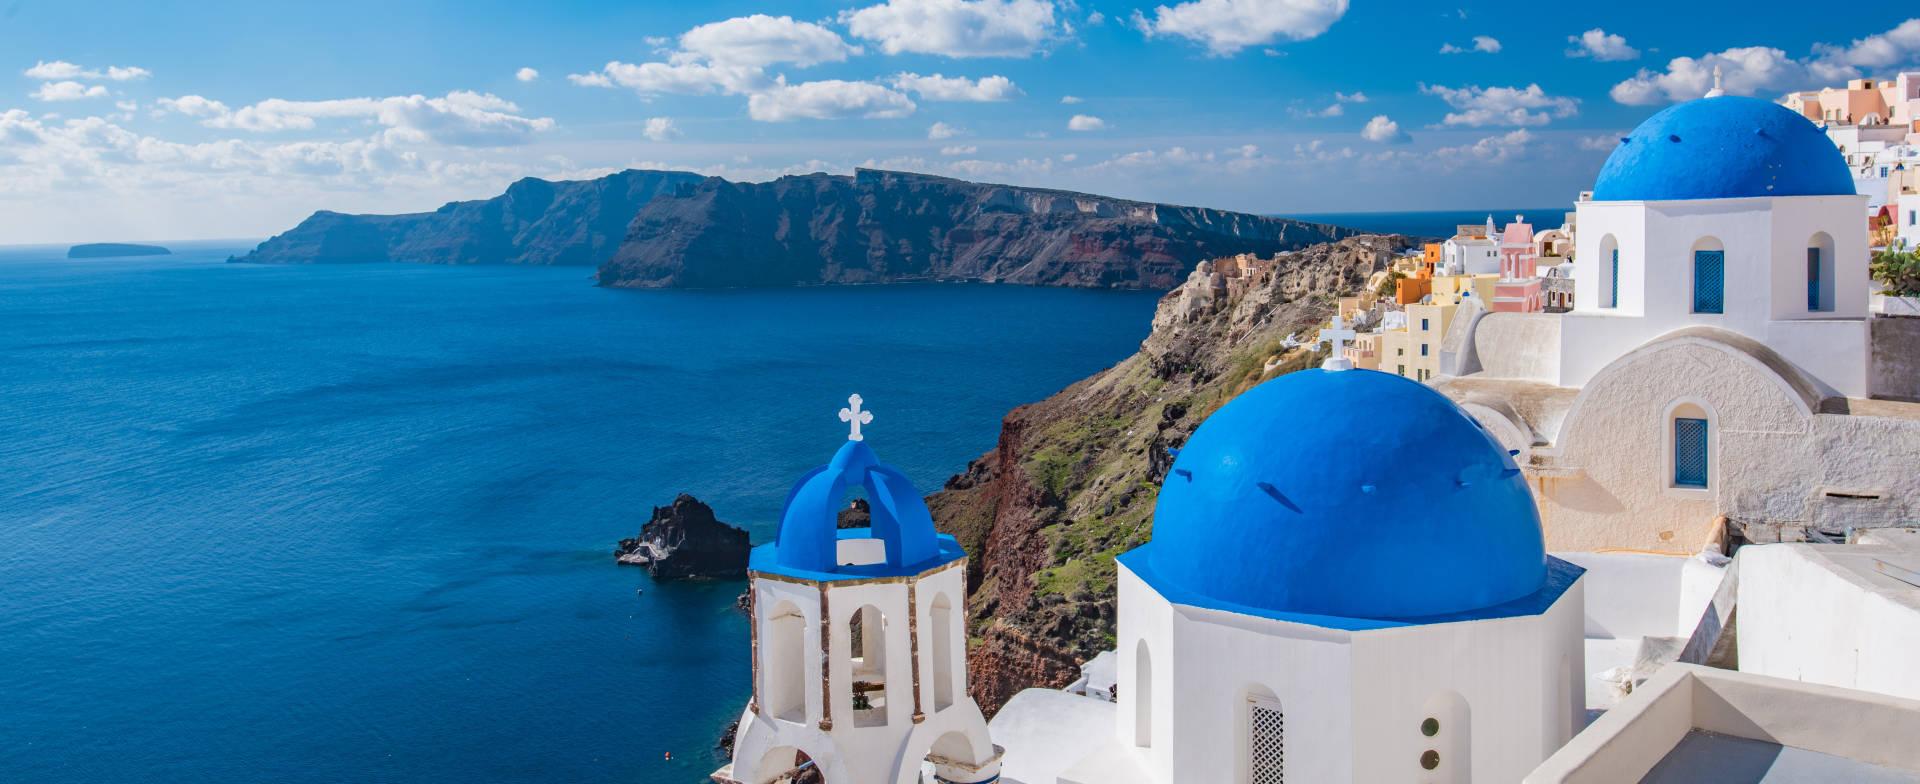 die-reise-reisen-bielefeld-reisebuero--Wellnessreisen-Familienreisen-Kreuzfahrten-Lastminute-Mietwagen-Lastminute-Griechenland-Greece-Kreta-Rhodos